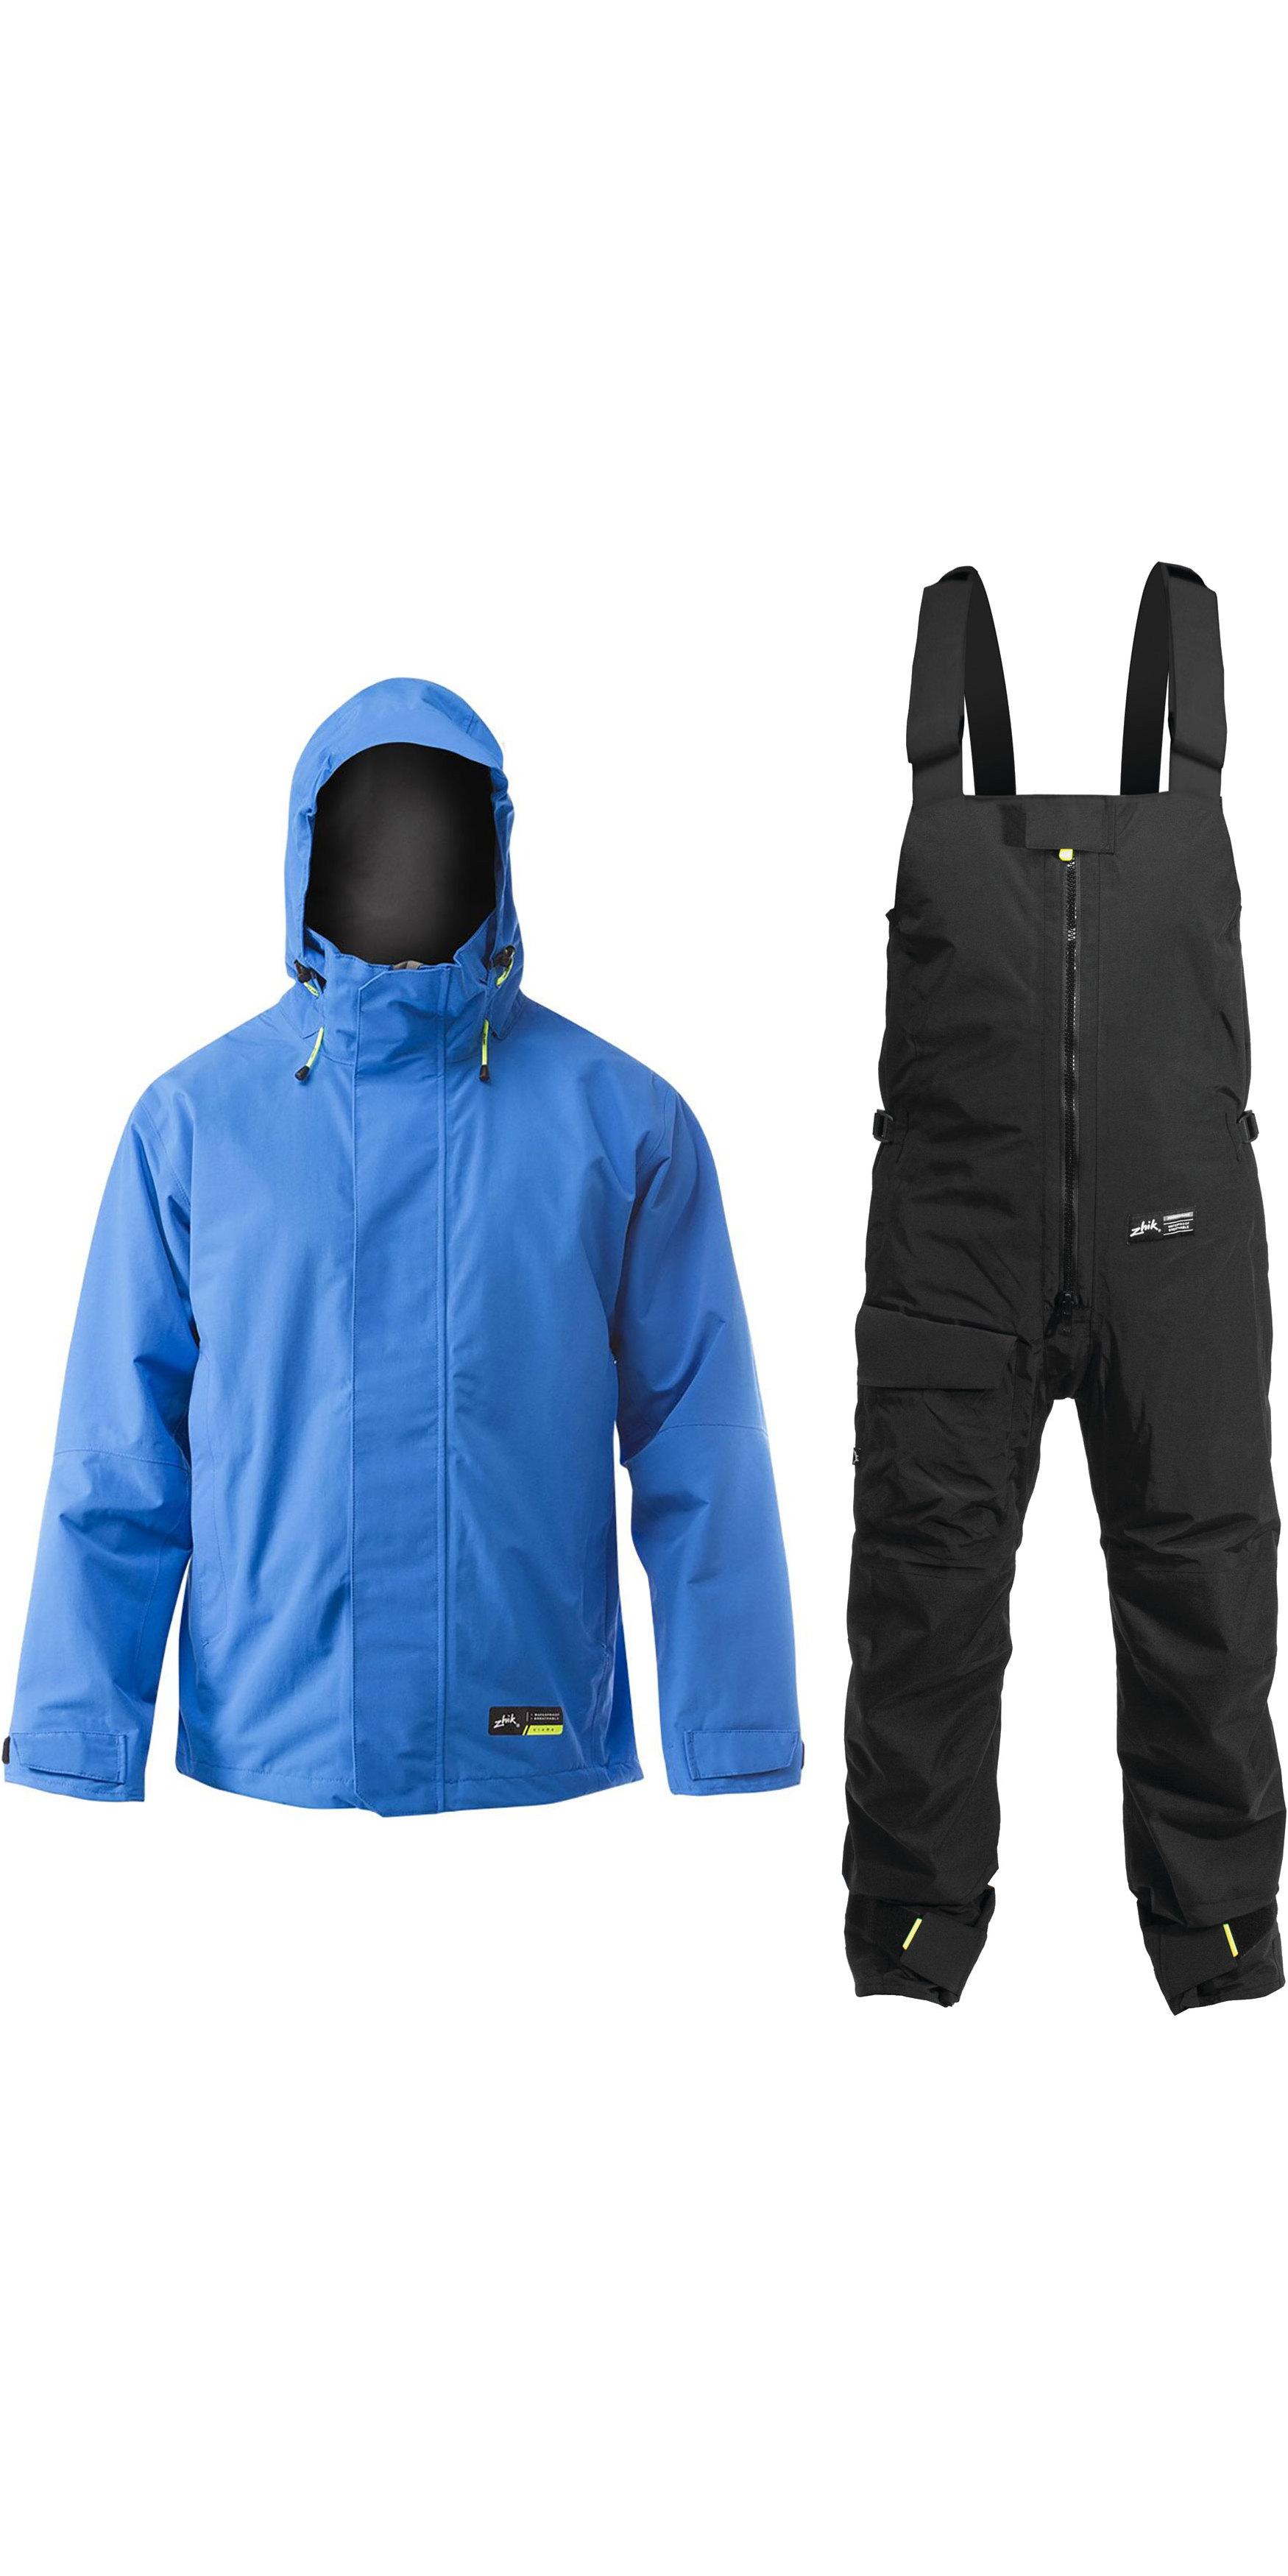 Zhik Mens Kiama Jacket & Trouser Combi Set - Cyan / Black